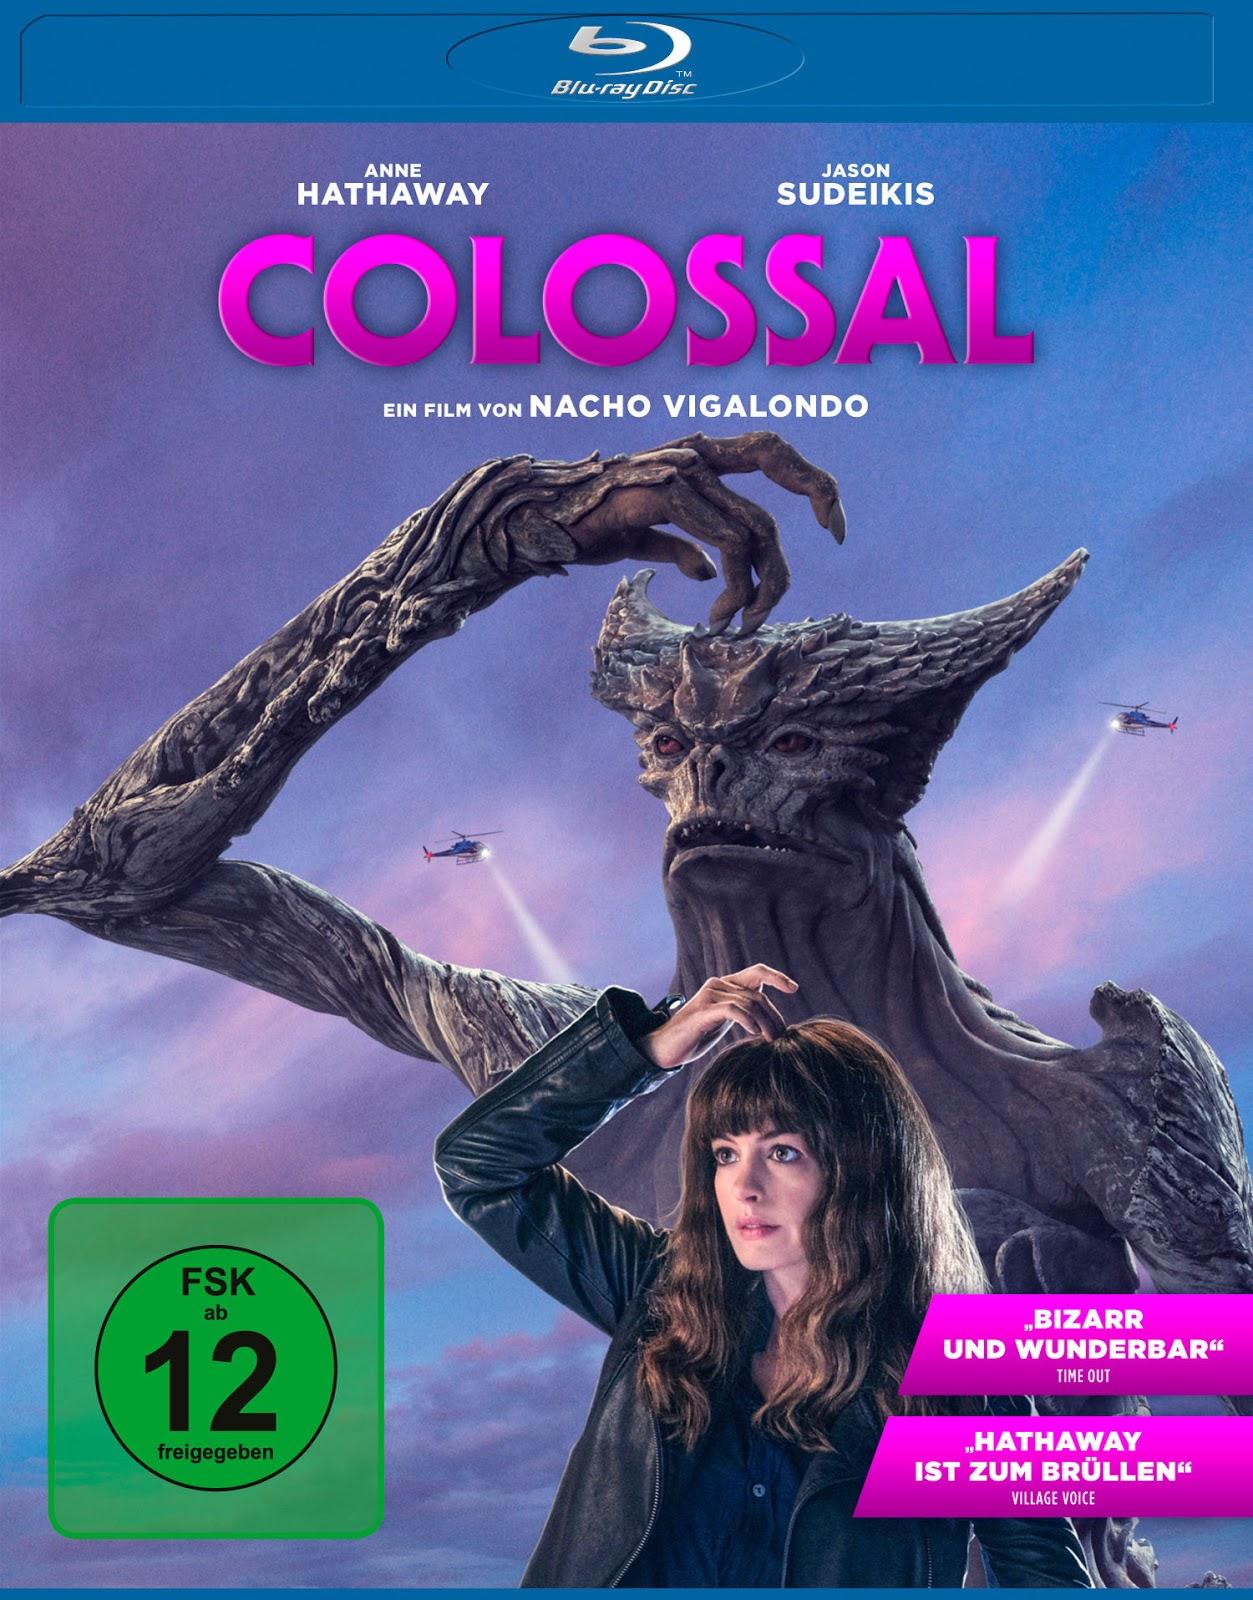 Colossal (Filmkritik) | Die Seilerseite.